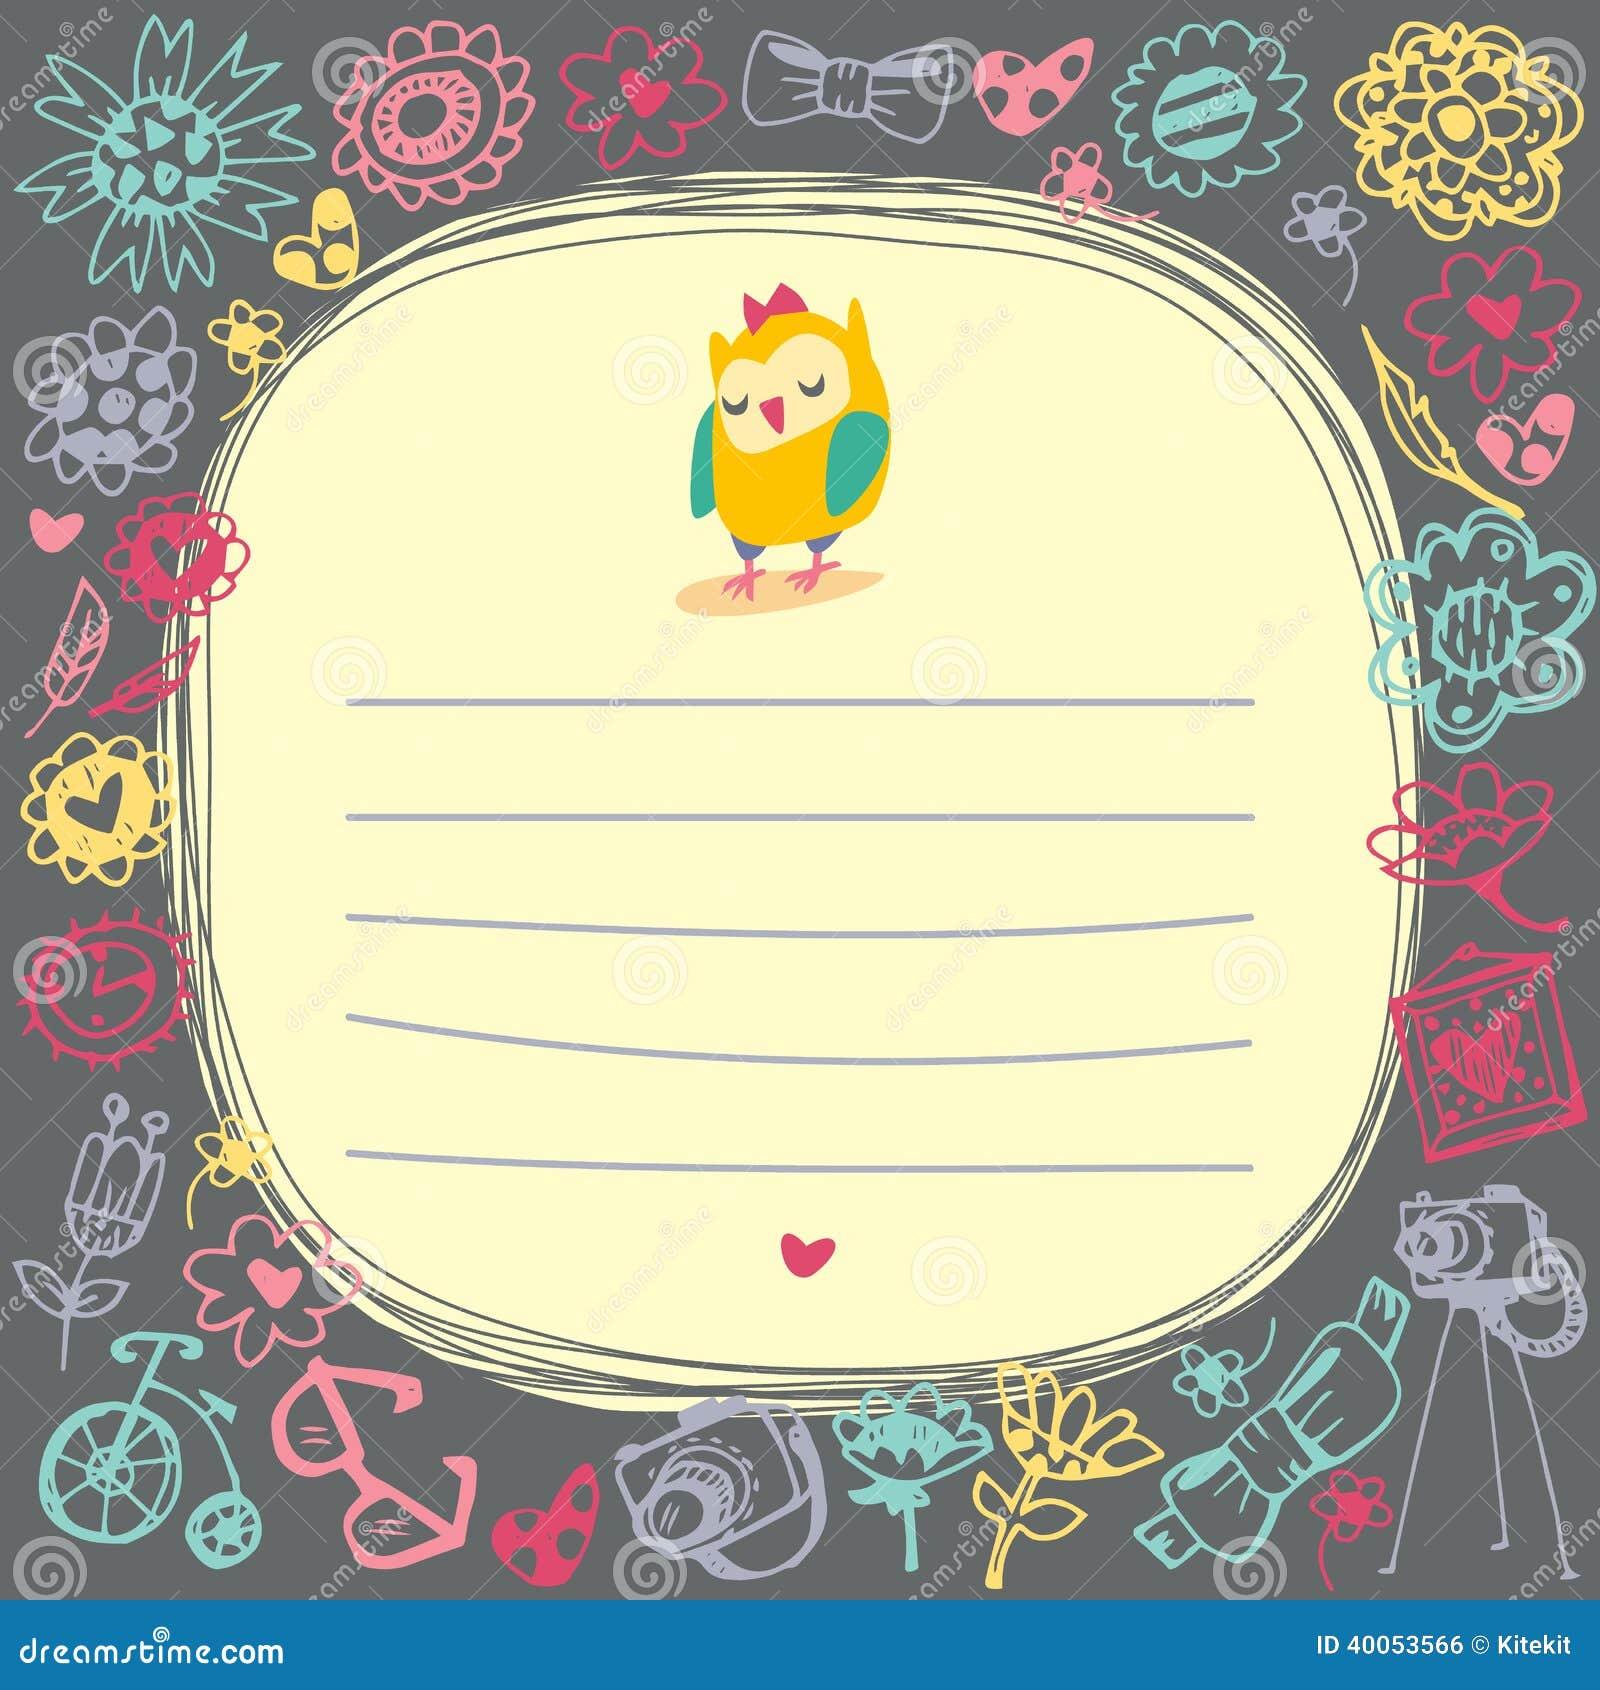 Owls Cute Cartoon Card And Sample Text Stock Vector